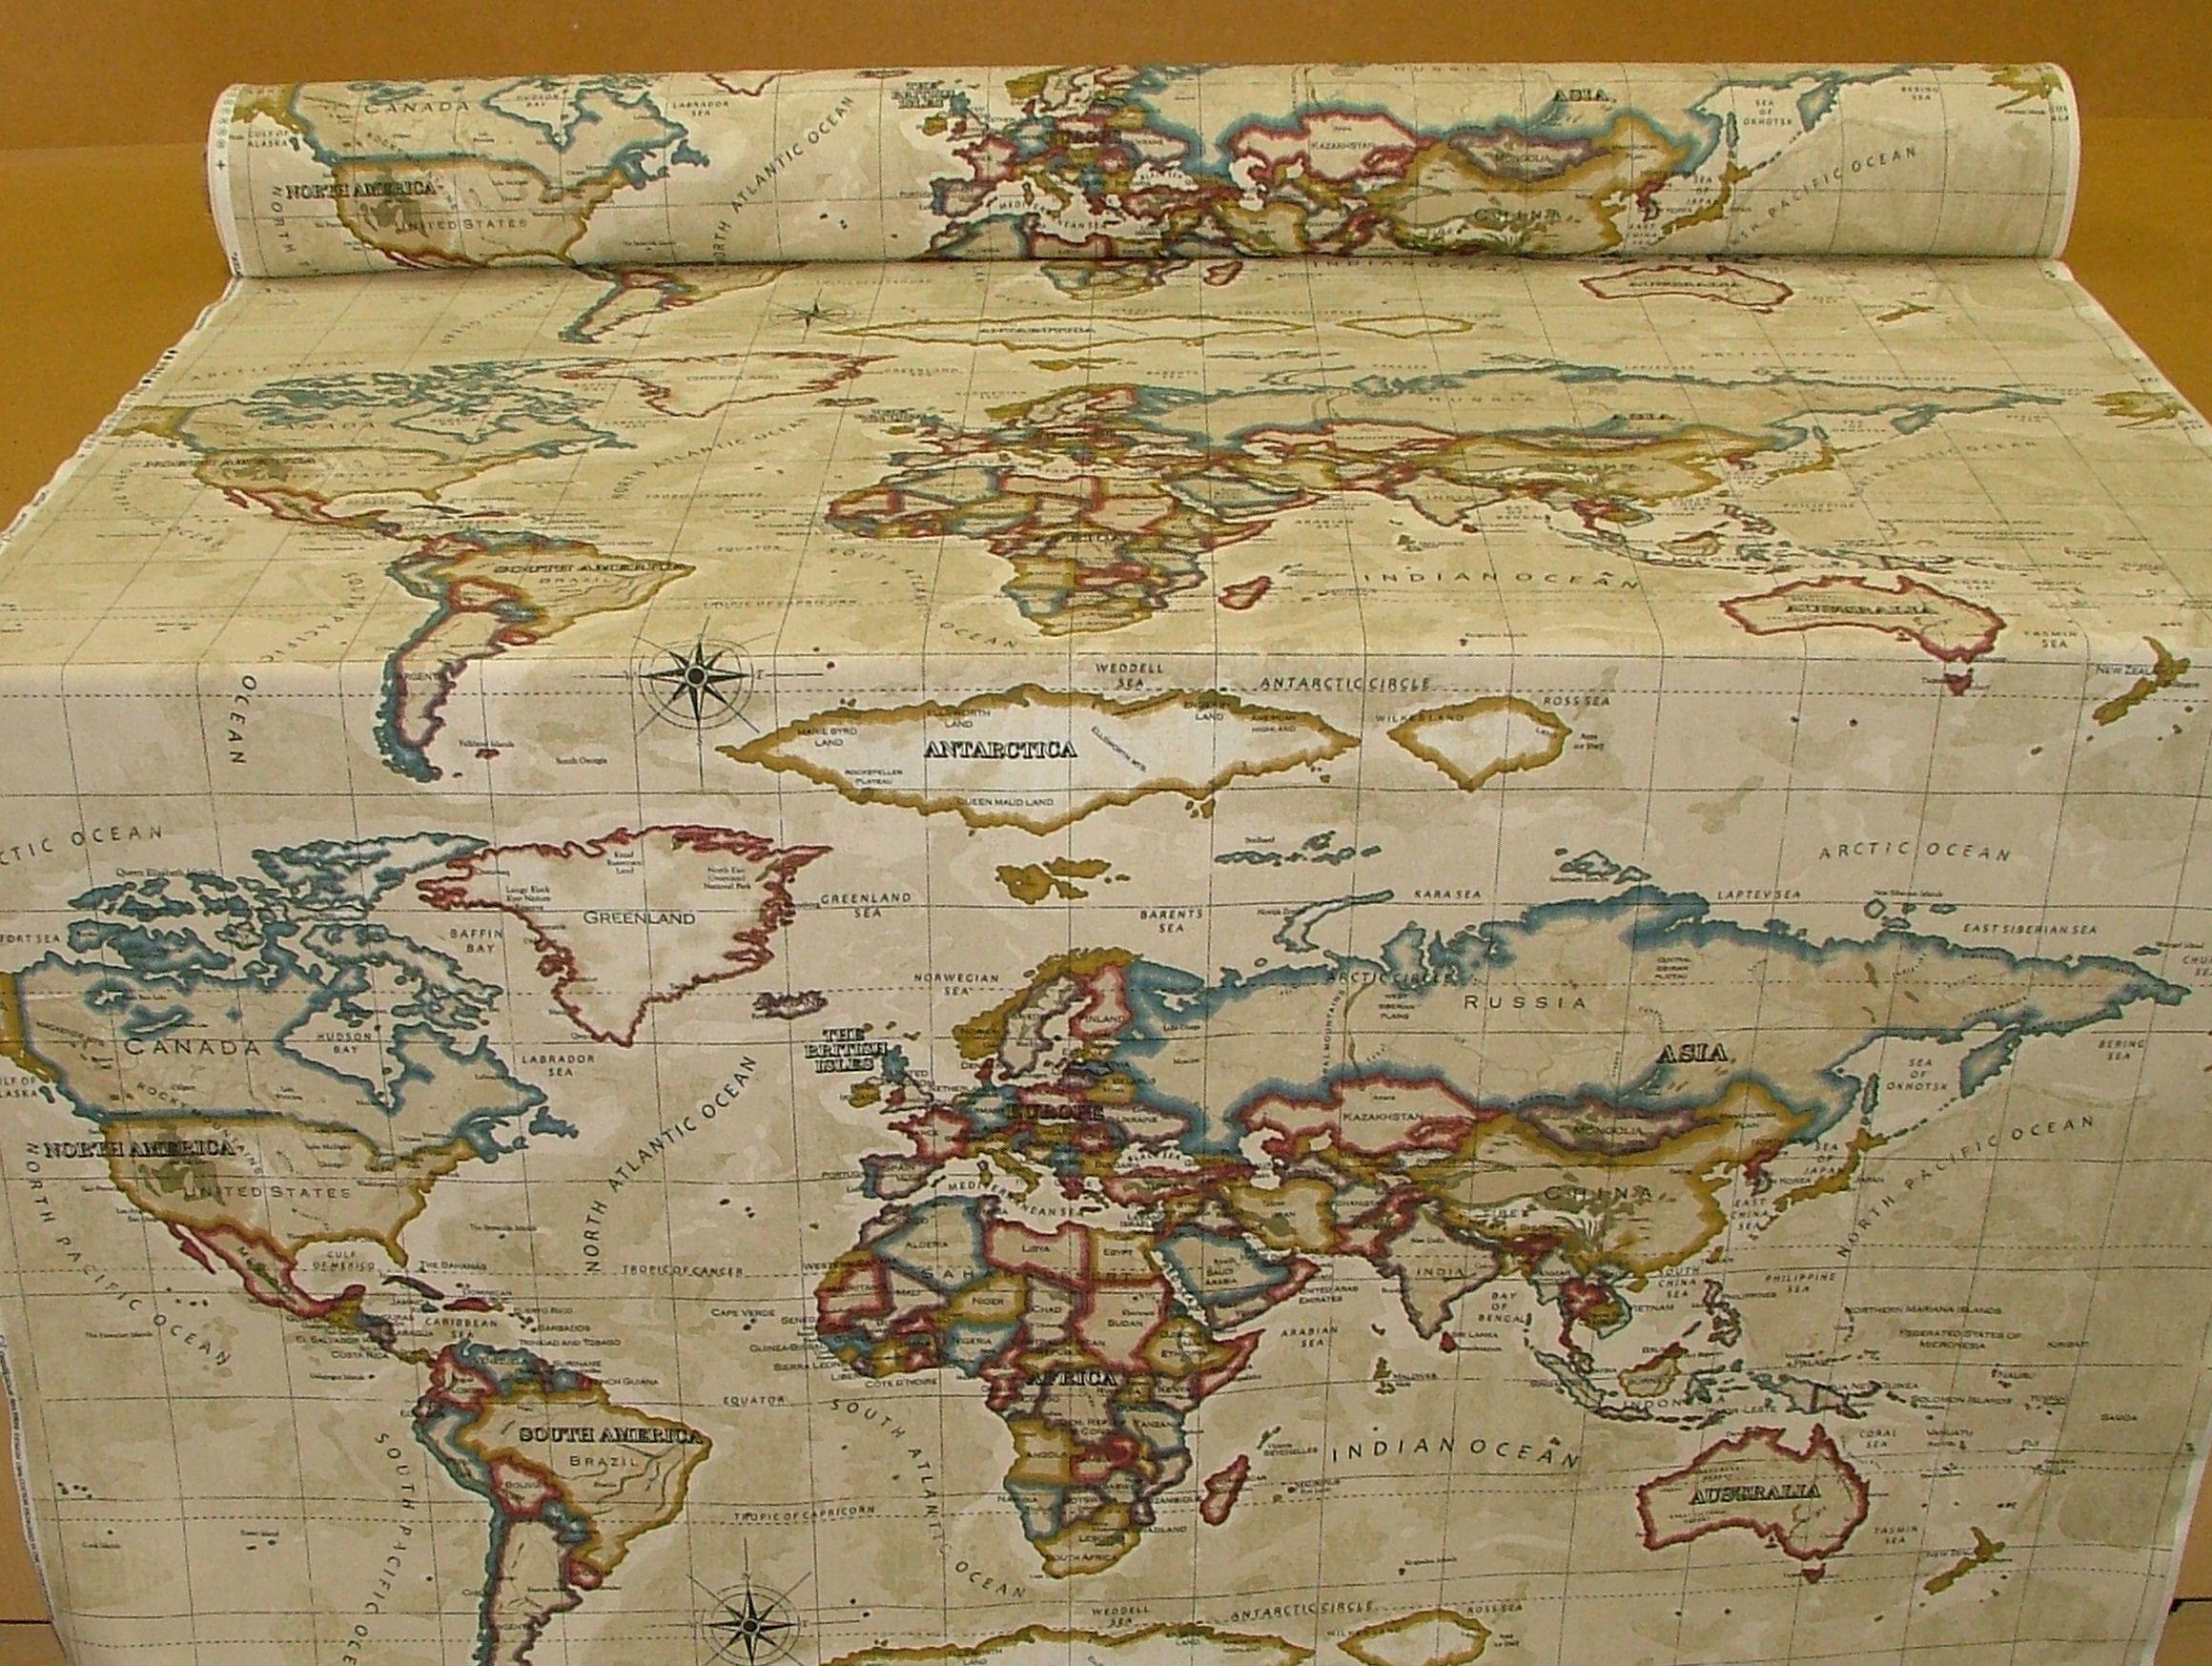 Atlas world map antique prestigious designer fabric pretty atlas world map antique prestigious designer fabric pretty gumiabroncs Image collections